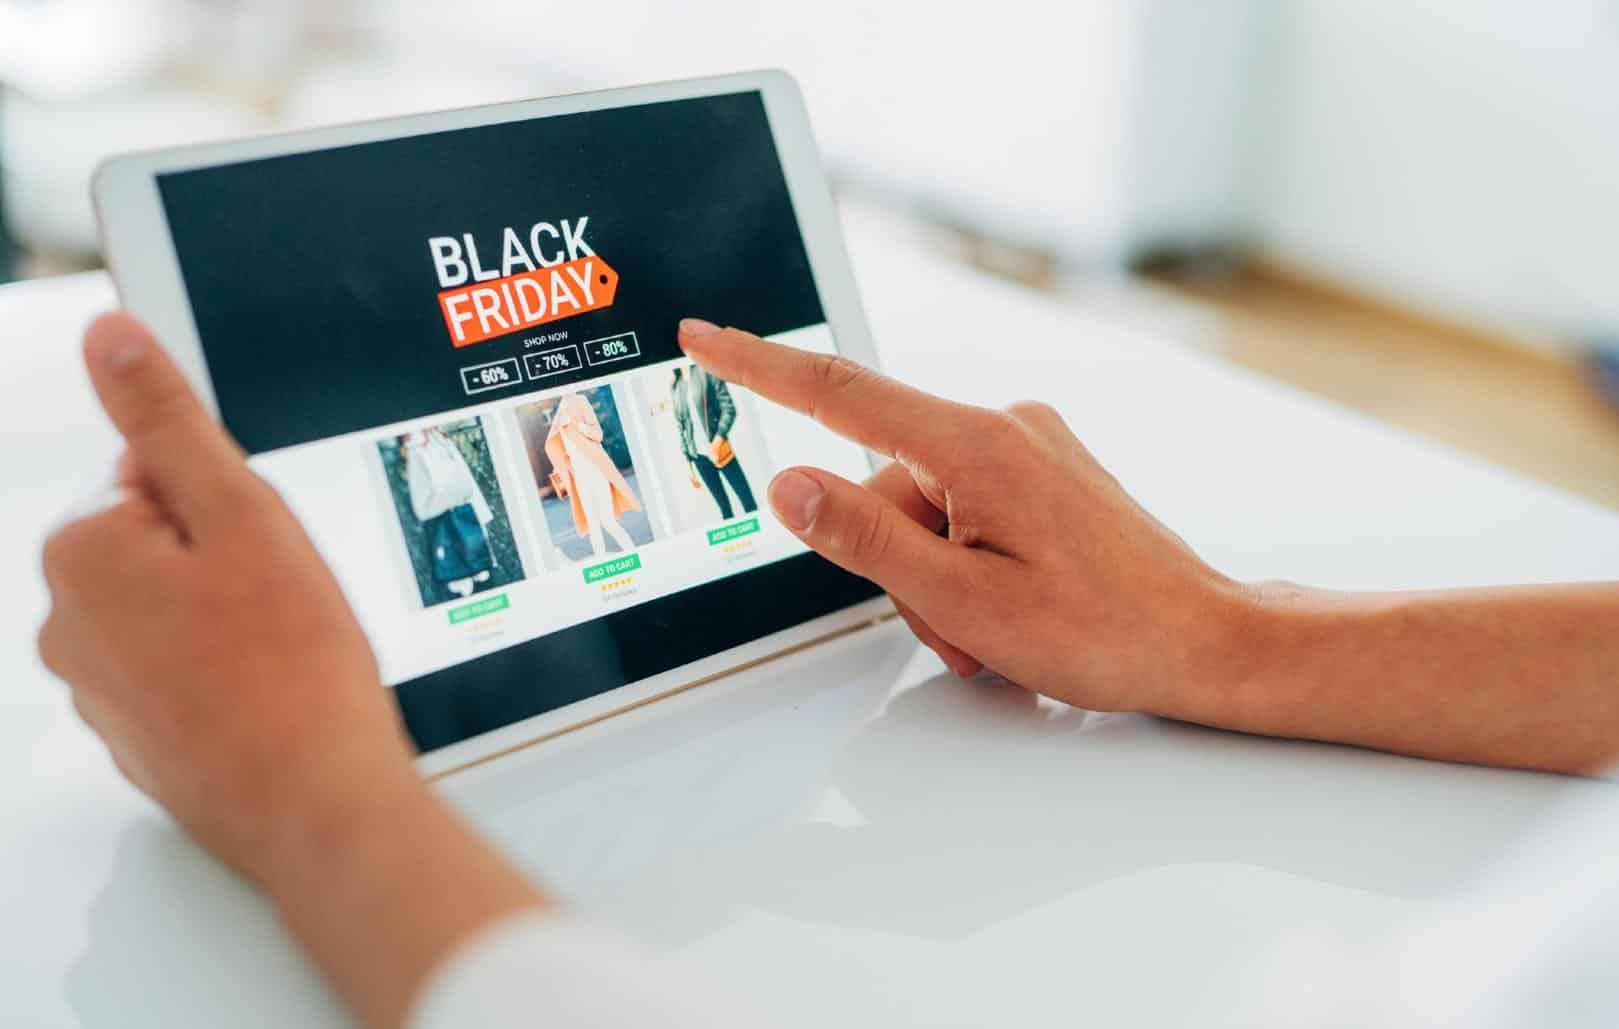 Vale o desconto? Monitore os preços dos produtos na Black Friday - Olhar Digital